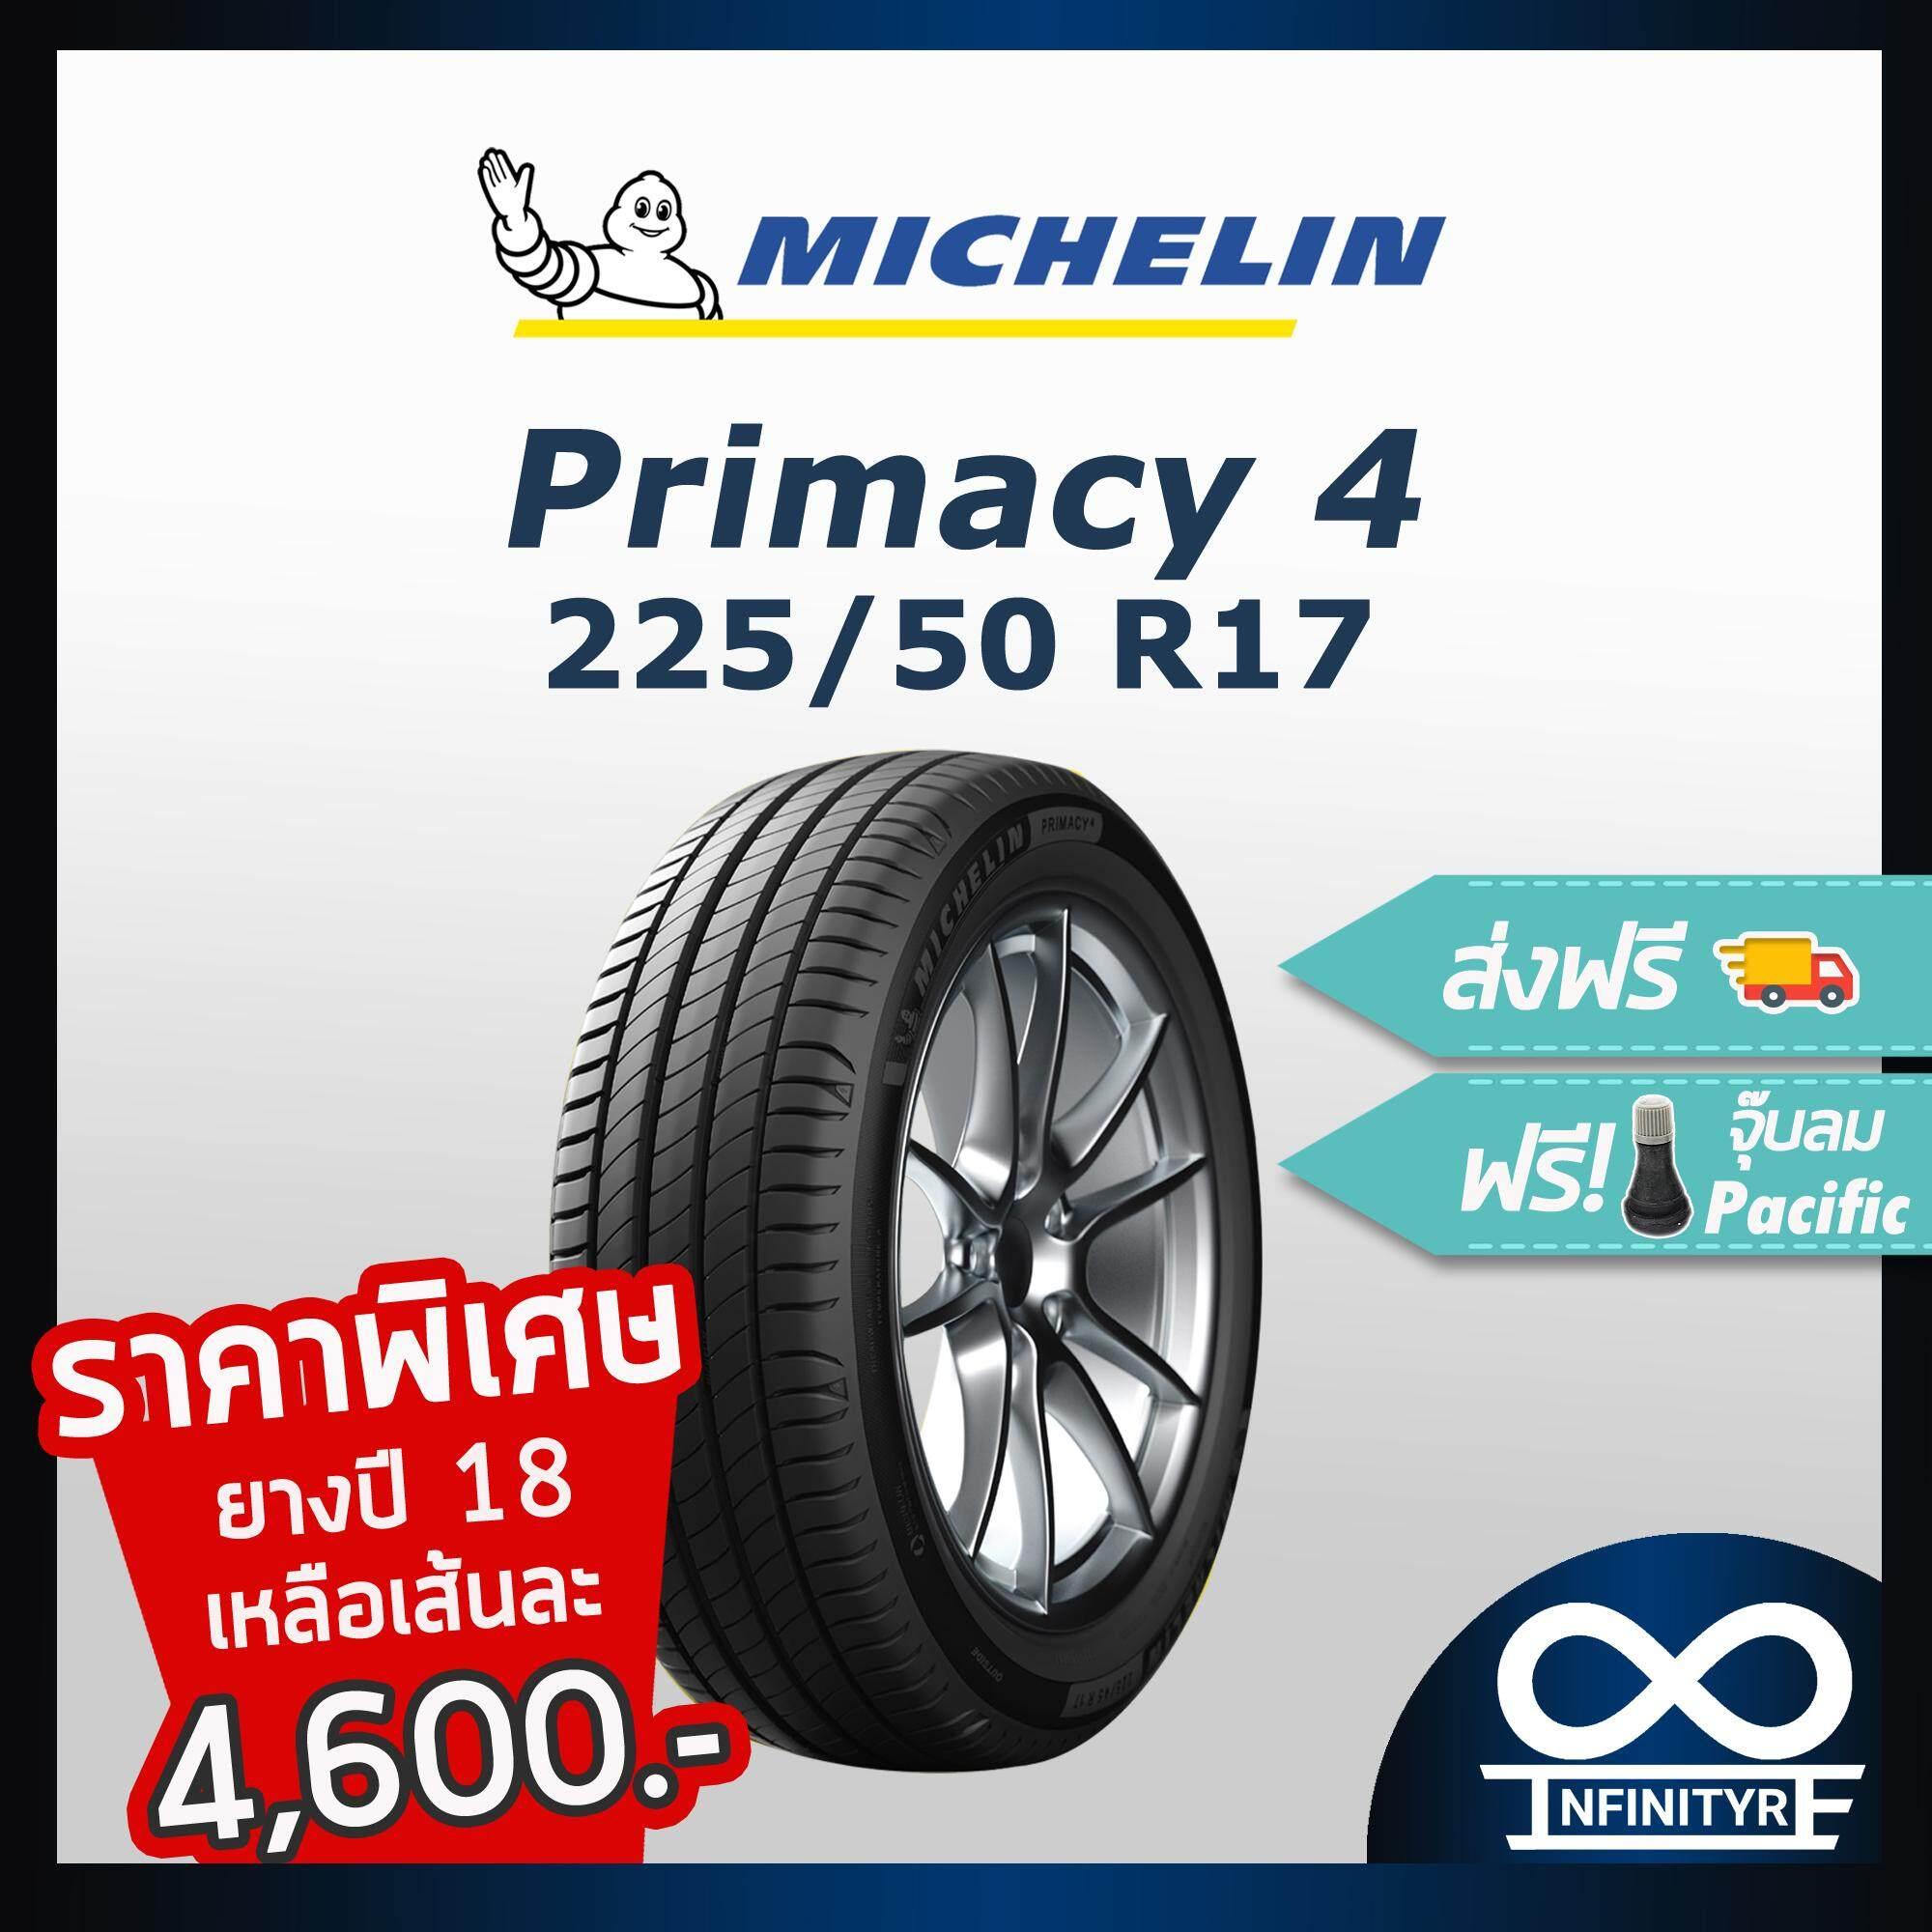 ประกันภัย รถยนต์ 3 พลัส ราคา ถูก ตราด 225/50R17 Michelin มิชลิน รุ่น Primacy 4 (ปี2018 ลดราคาจัดหนัก) ฟรี! จุ๊บลมPacific เกรดพรีเมี่ยม